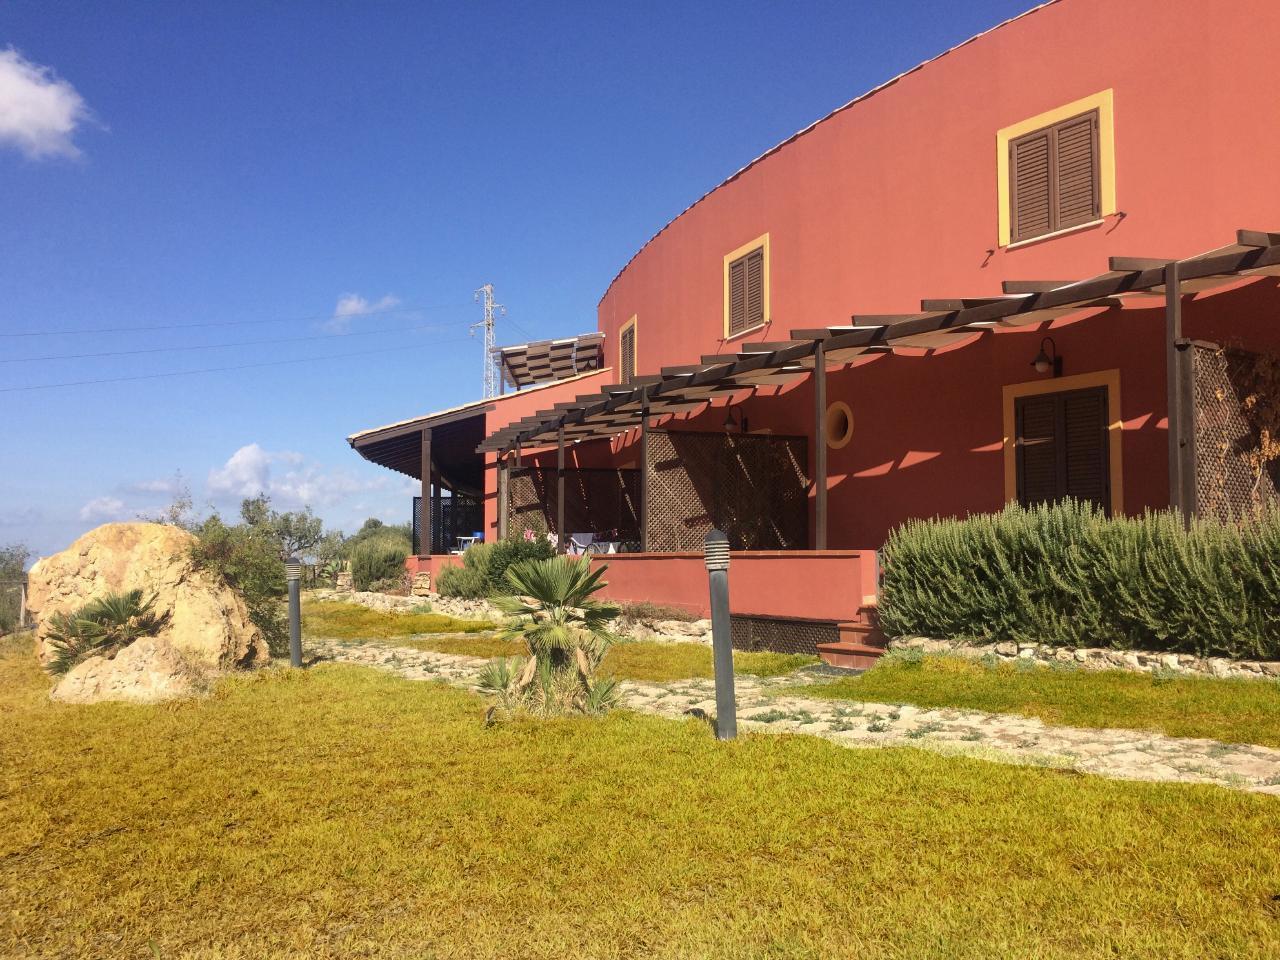 Ferienhaus Ferienwohnungen (405222), Sciacca, Agrigento, Sizilien, Italien, Bild 19